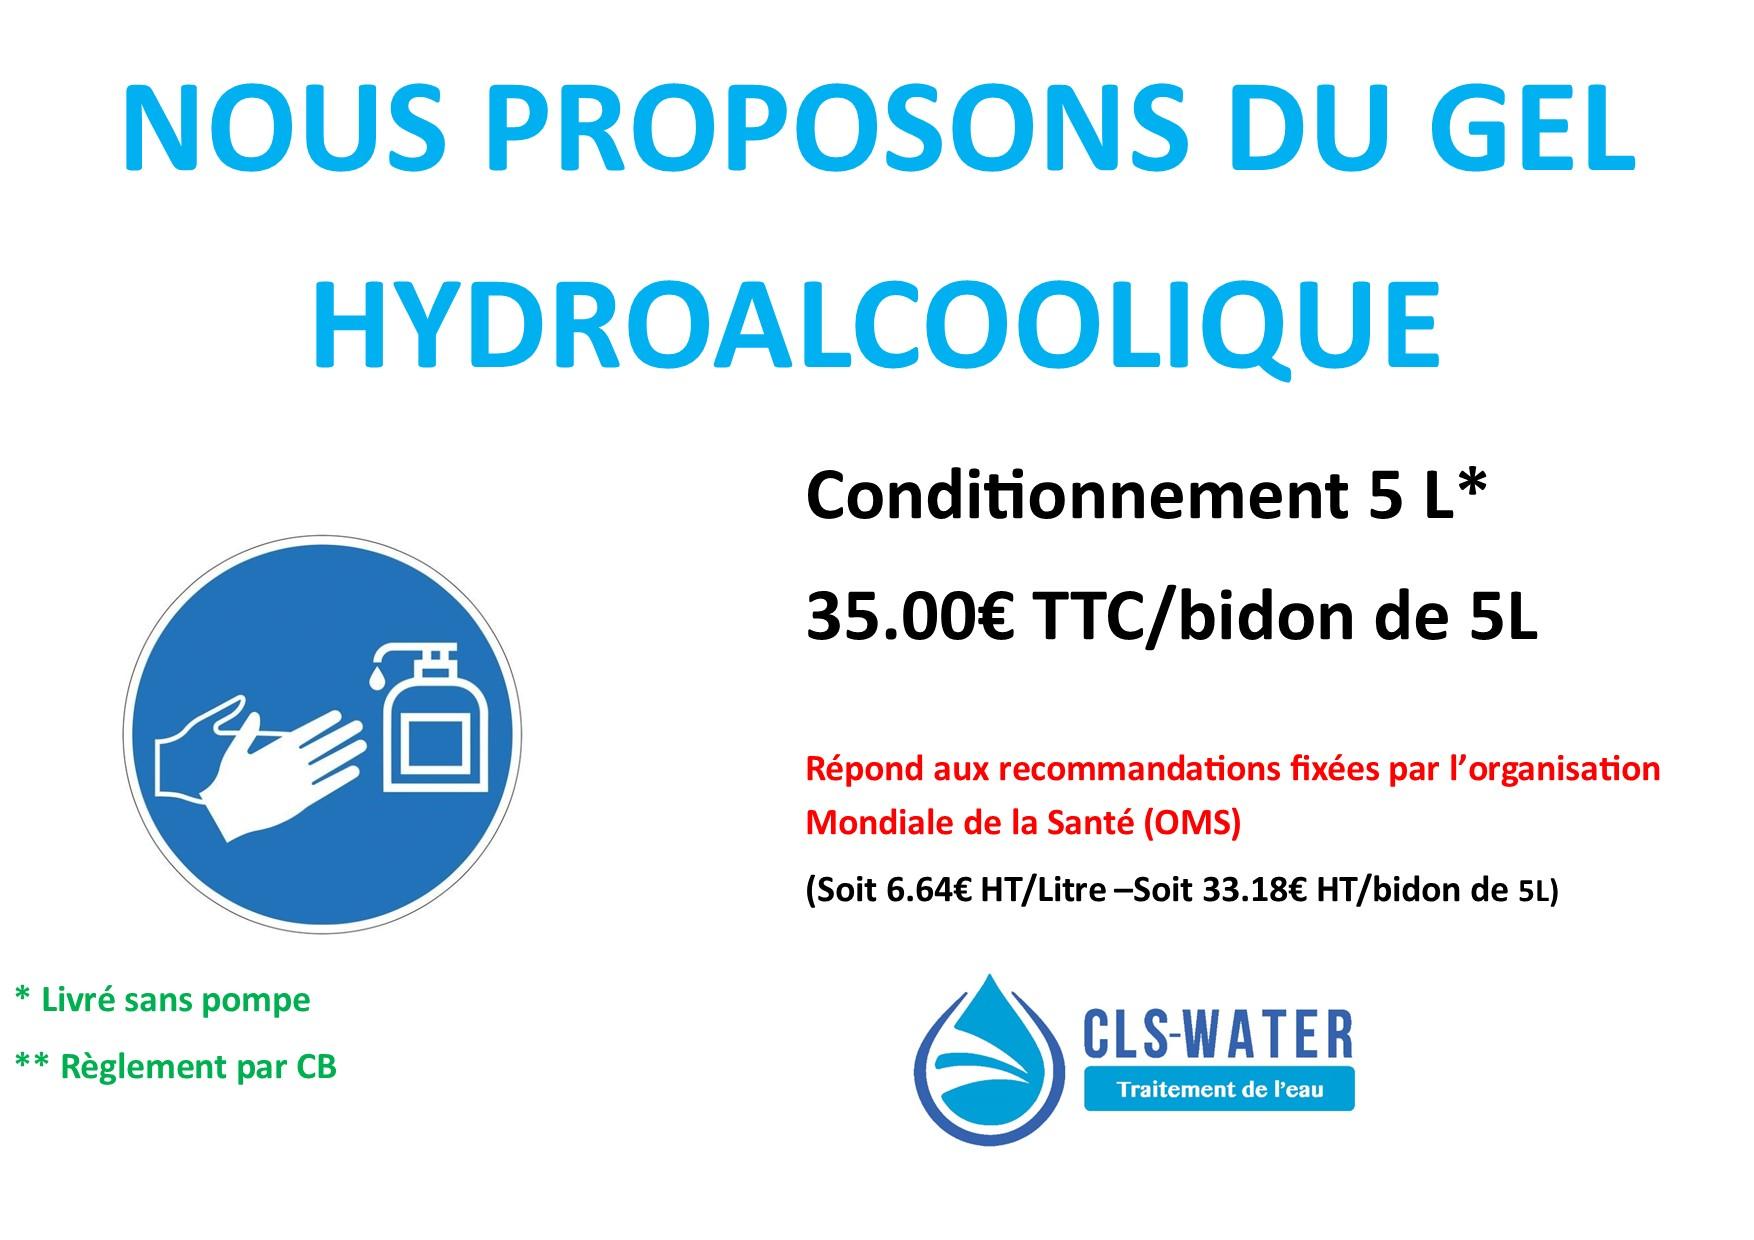 Nous vous proposons du gel hydroalcoolique